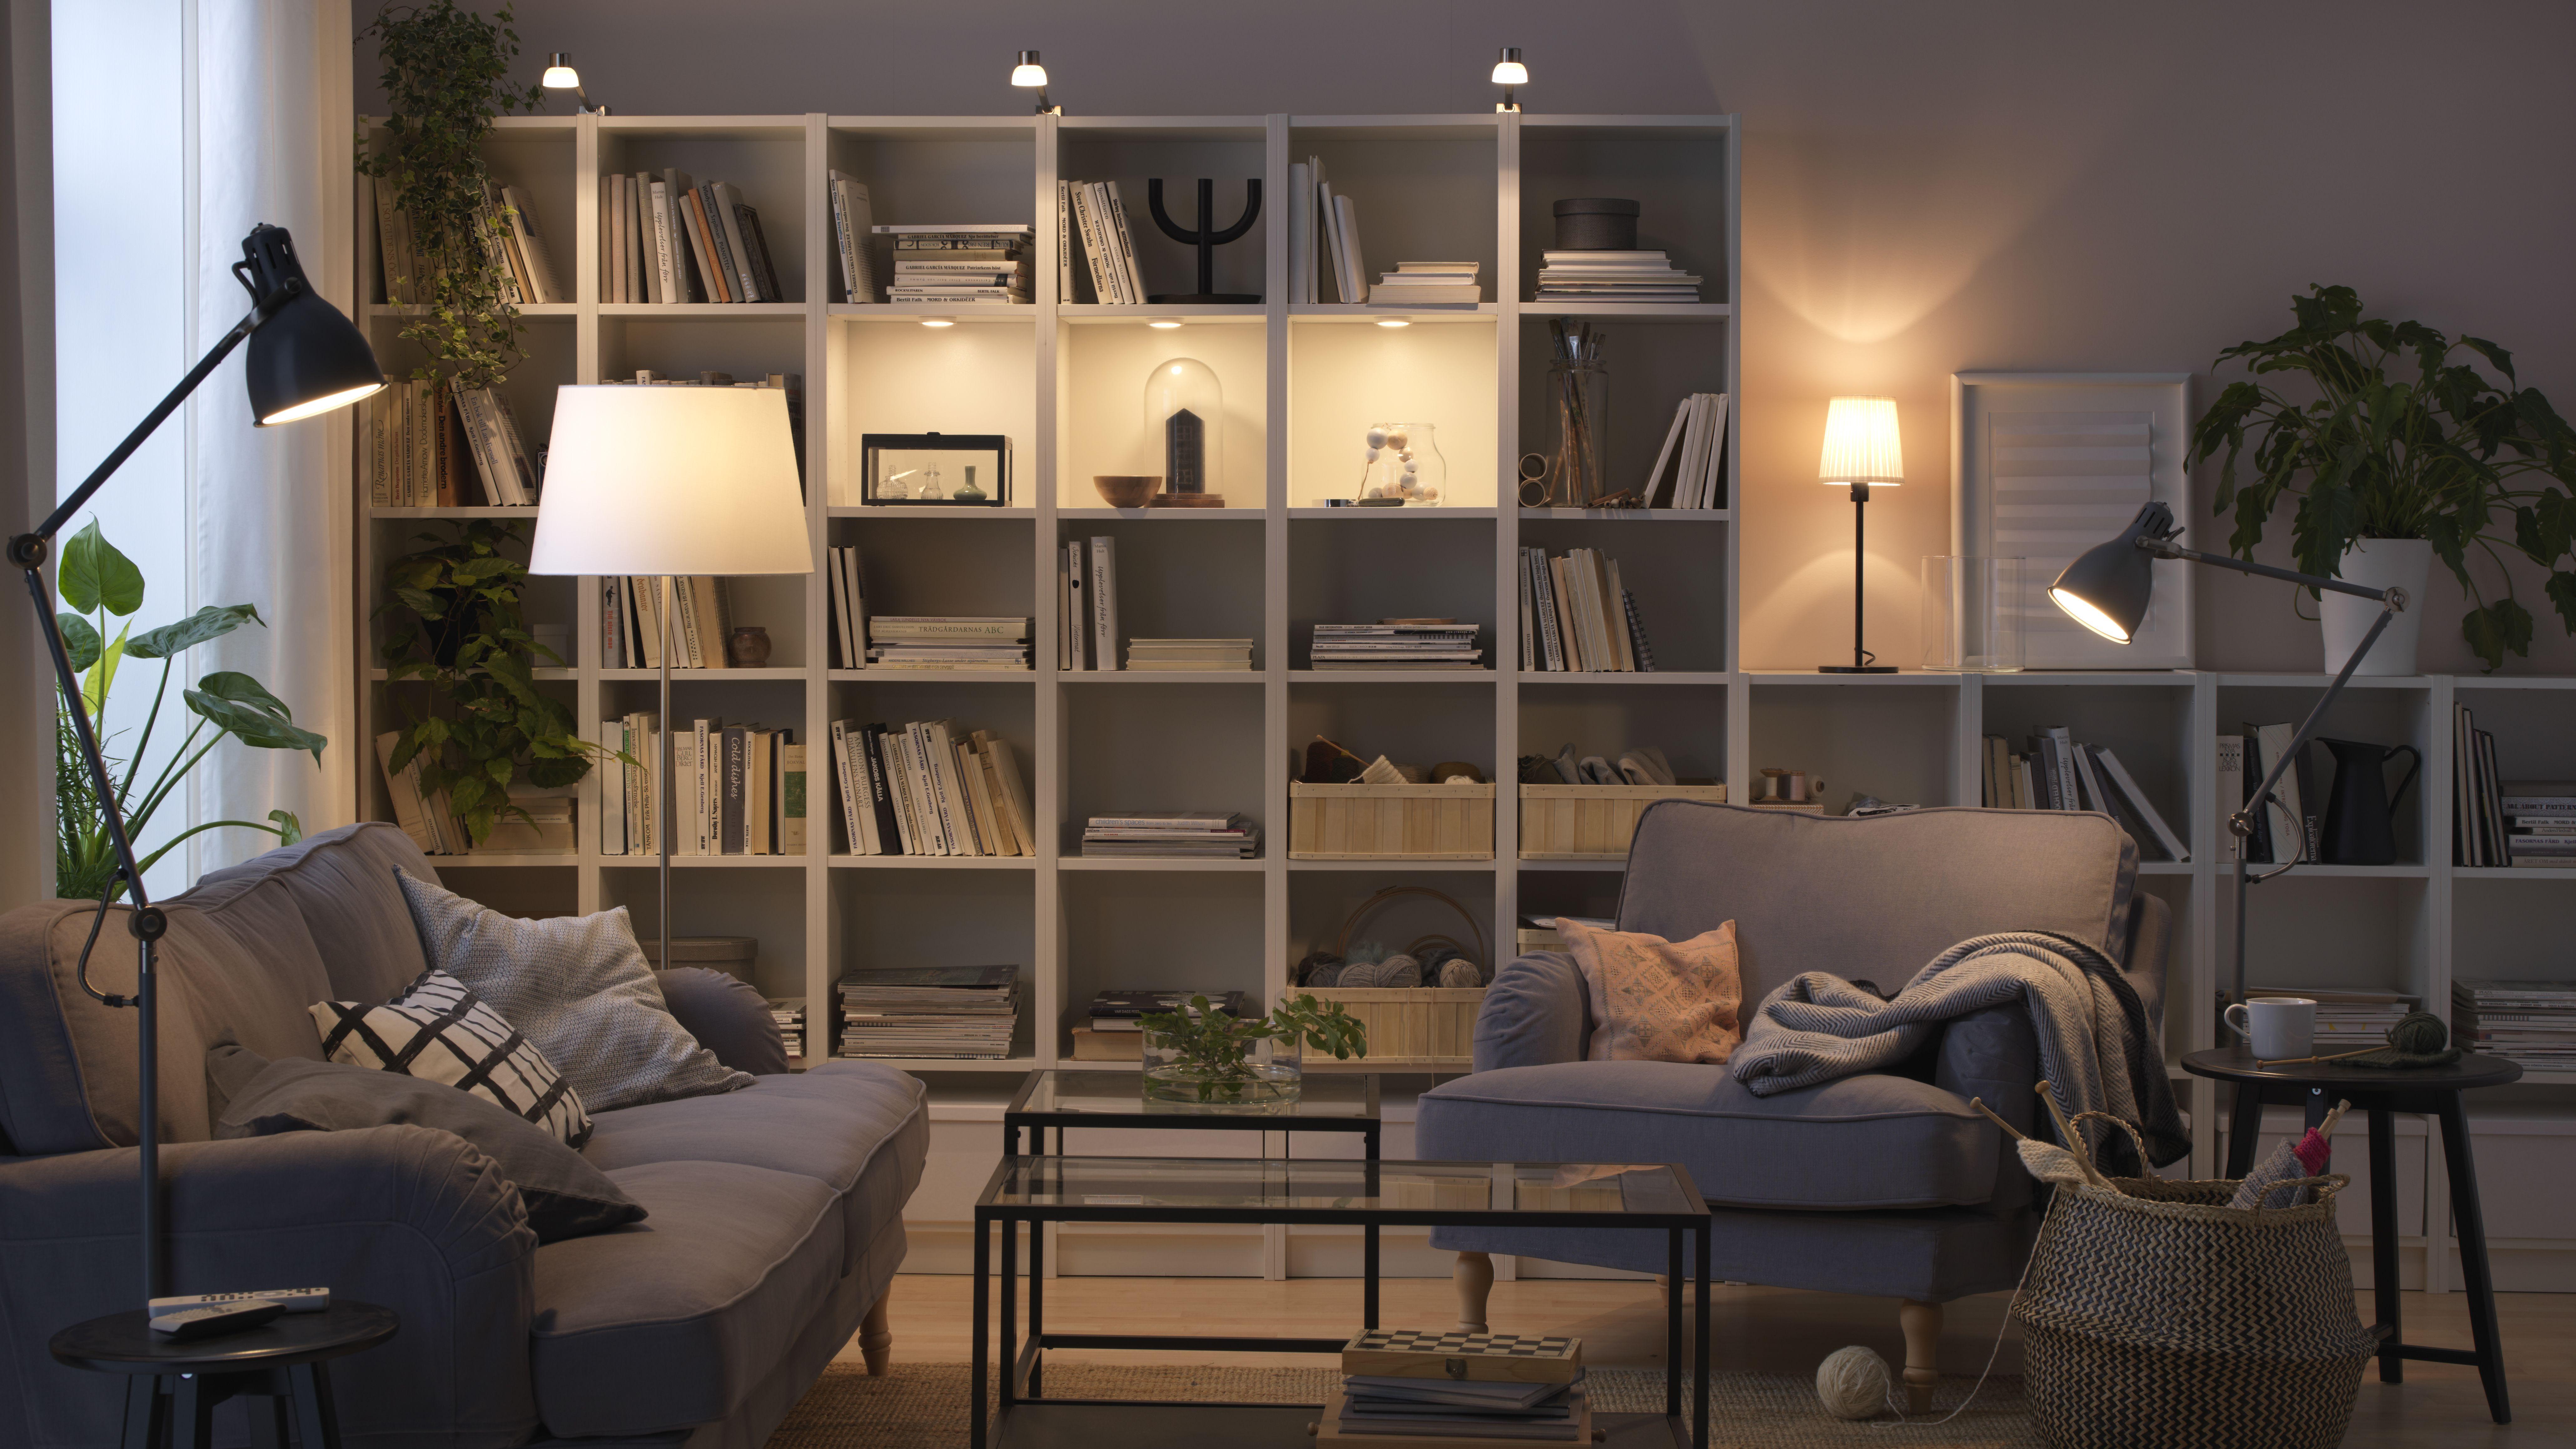 Billy von Ikea: So peppen Sie den Regalklassiker auf